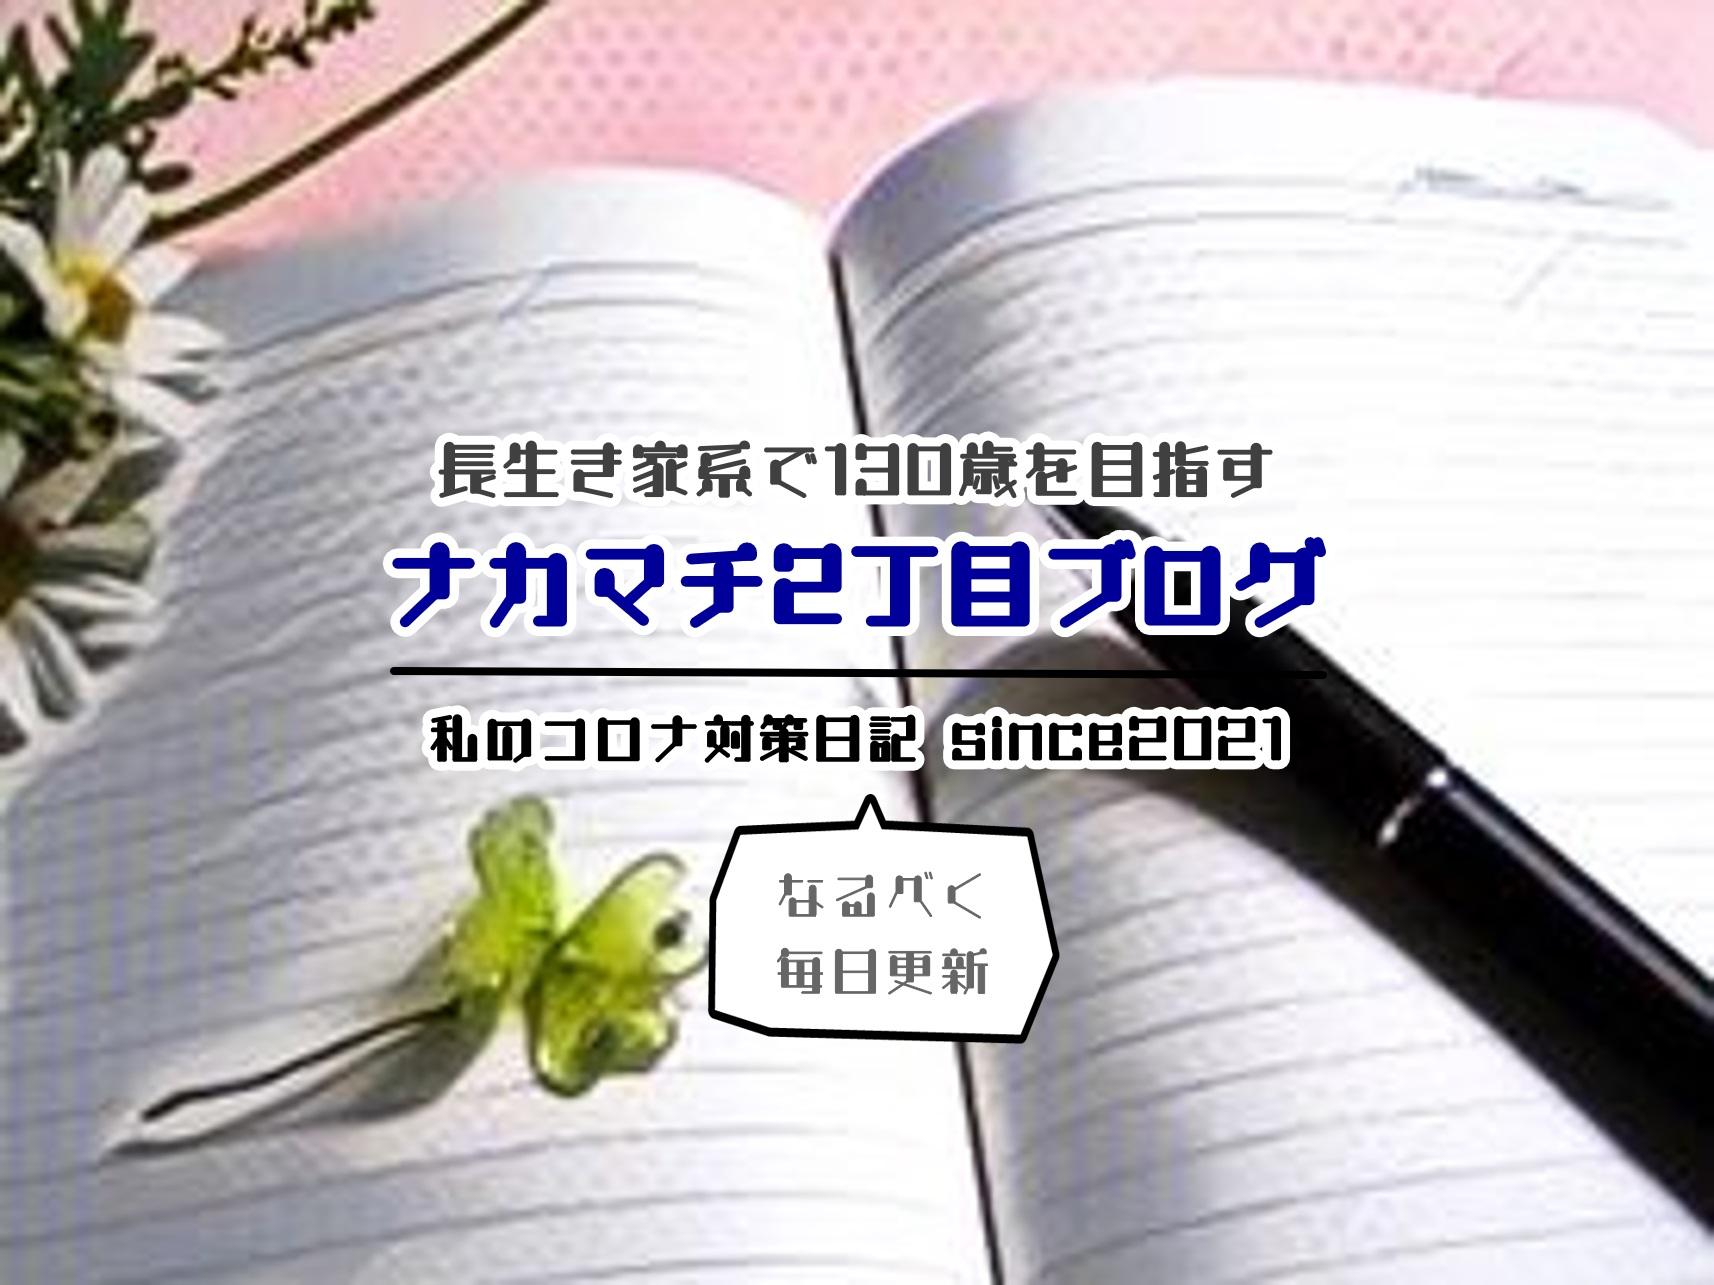 【1/24更新】 割とマジメなコロナ対策日記 (1月)